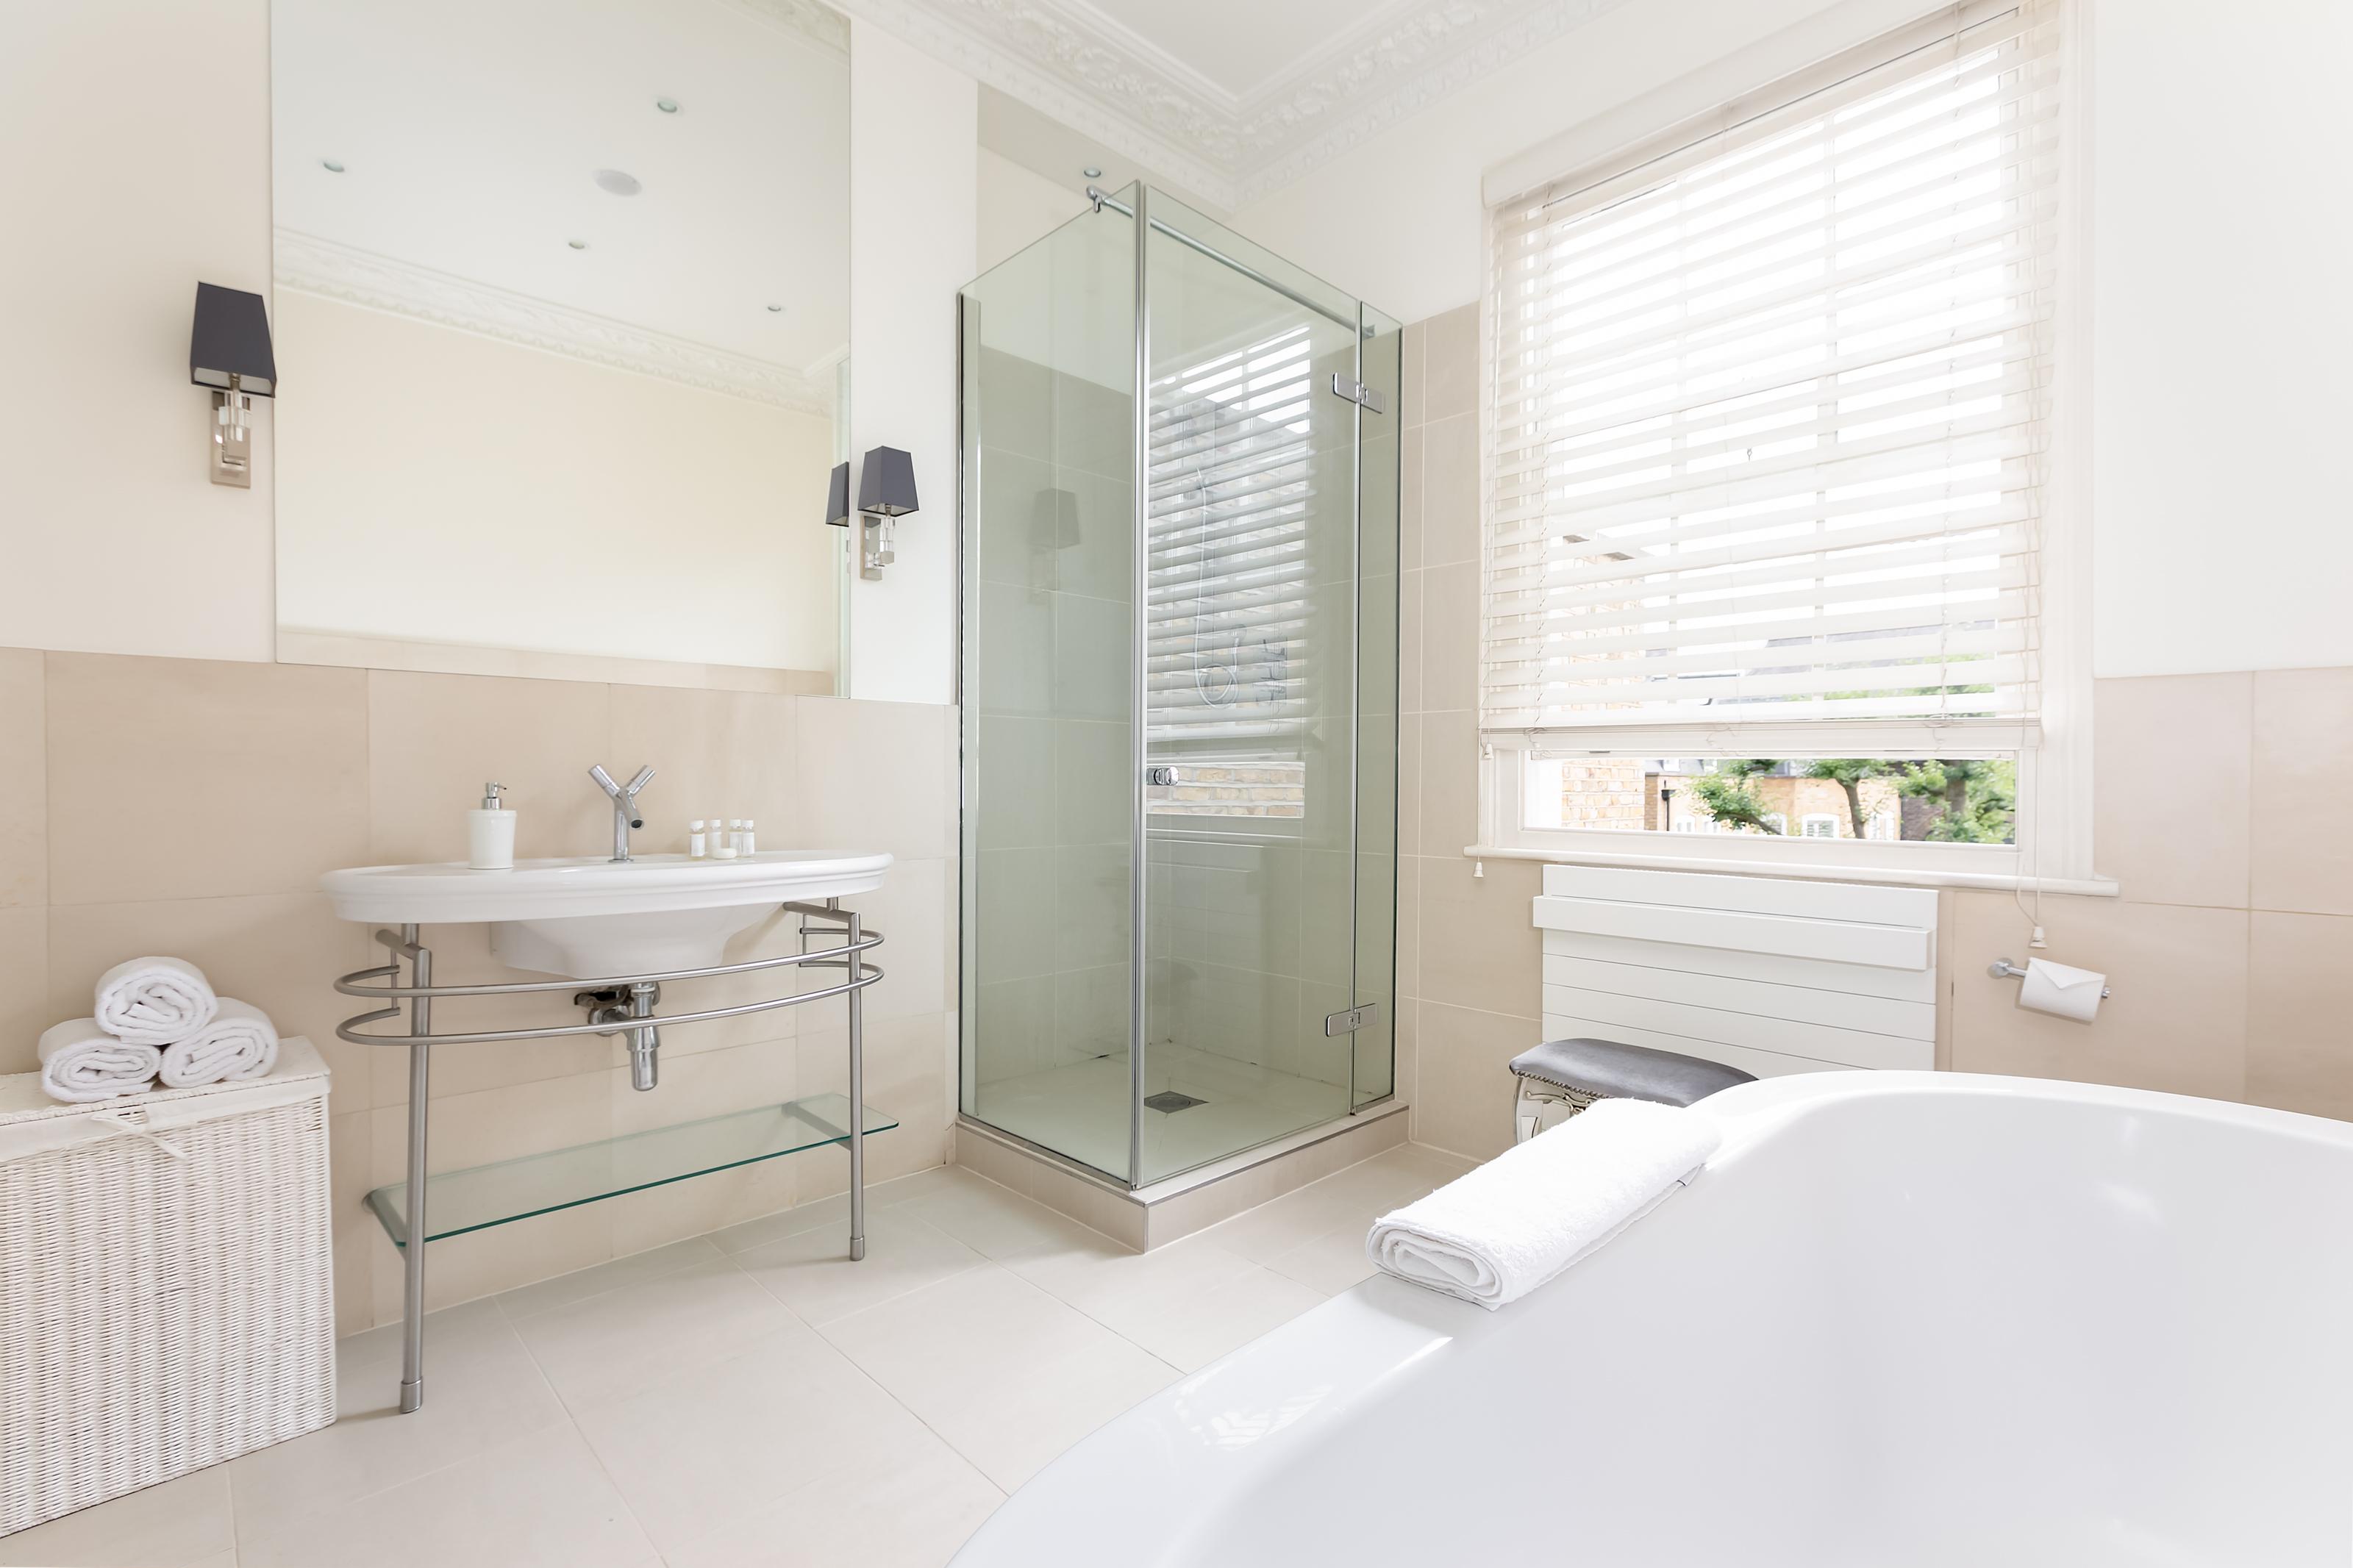 Queen's Grove : Luxury Flat to Rent in St John's Wood